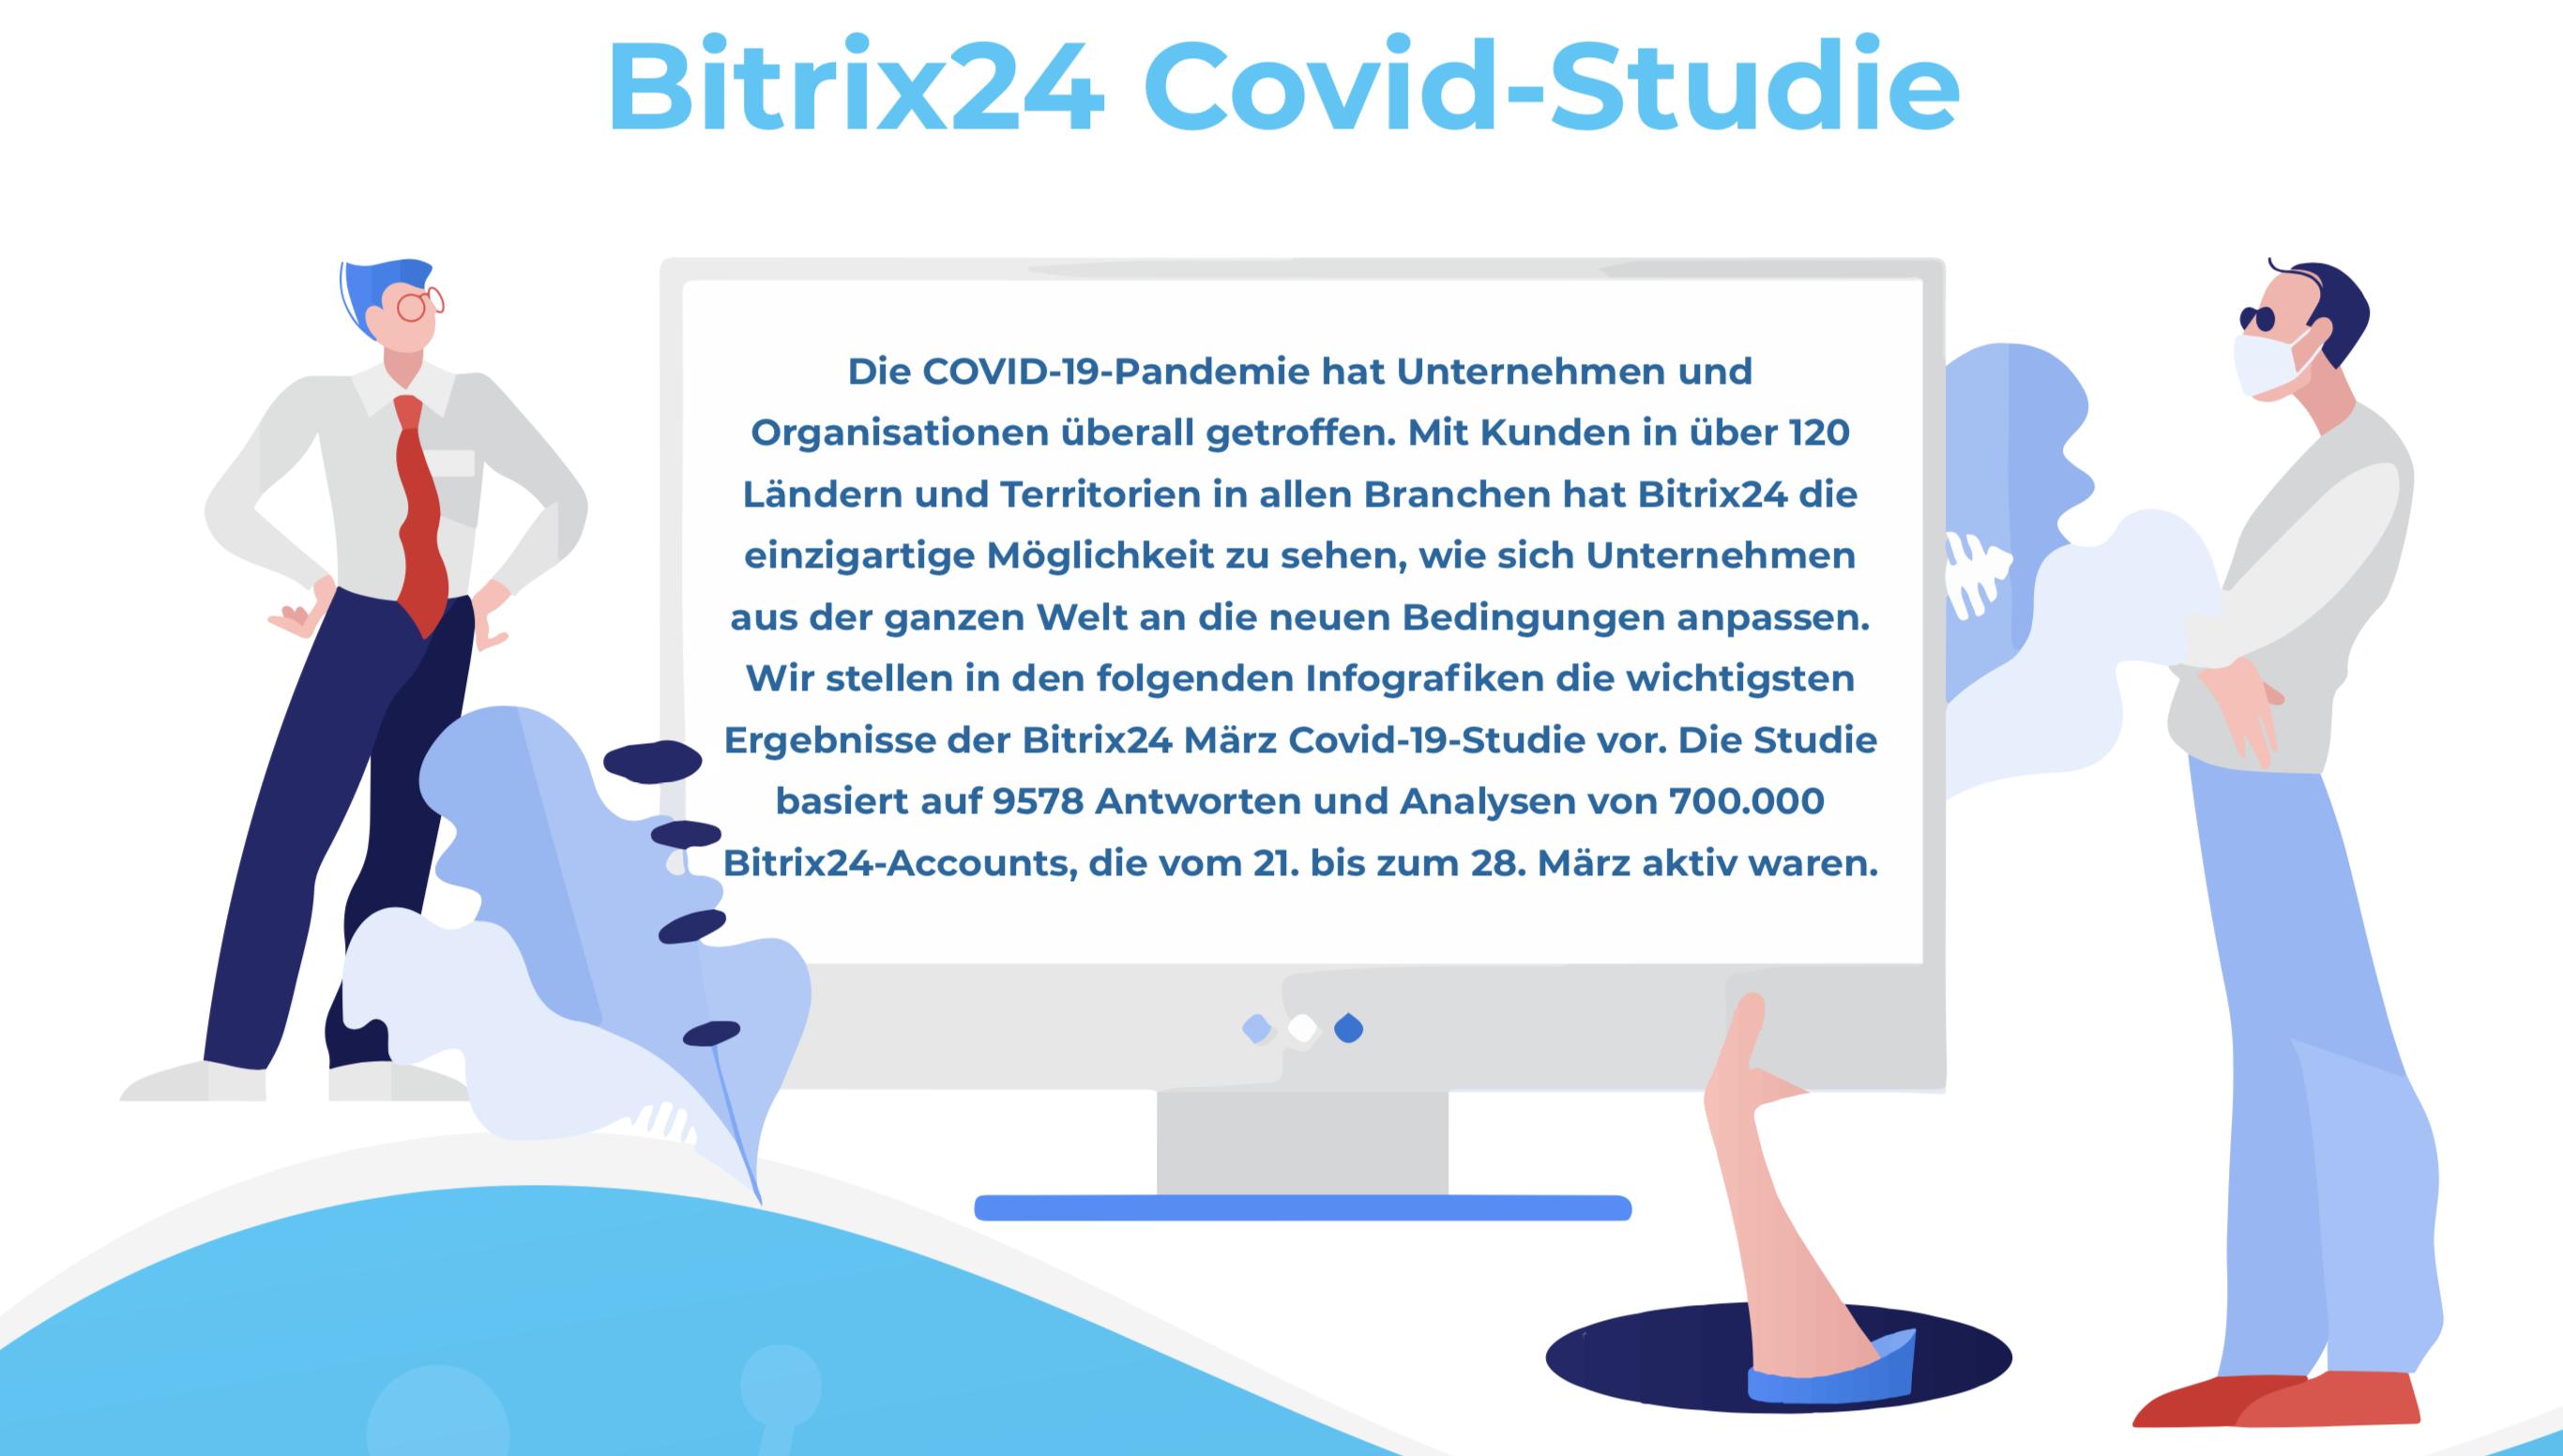 Bitrix24 Studie: Der Einfluß der Pandemie auf Business